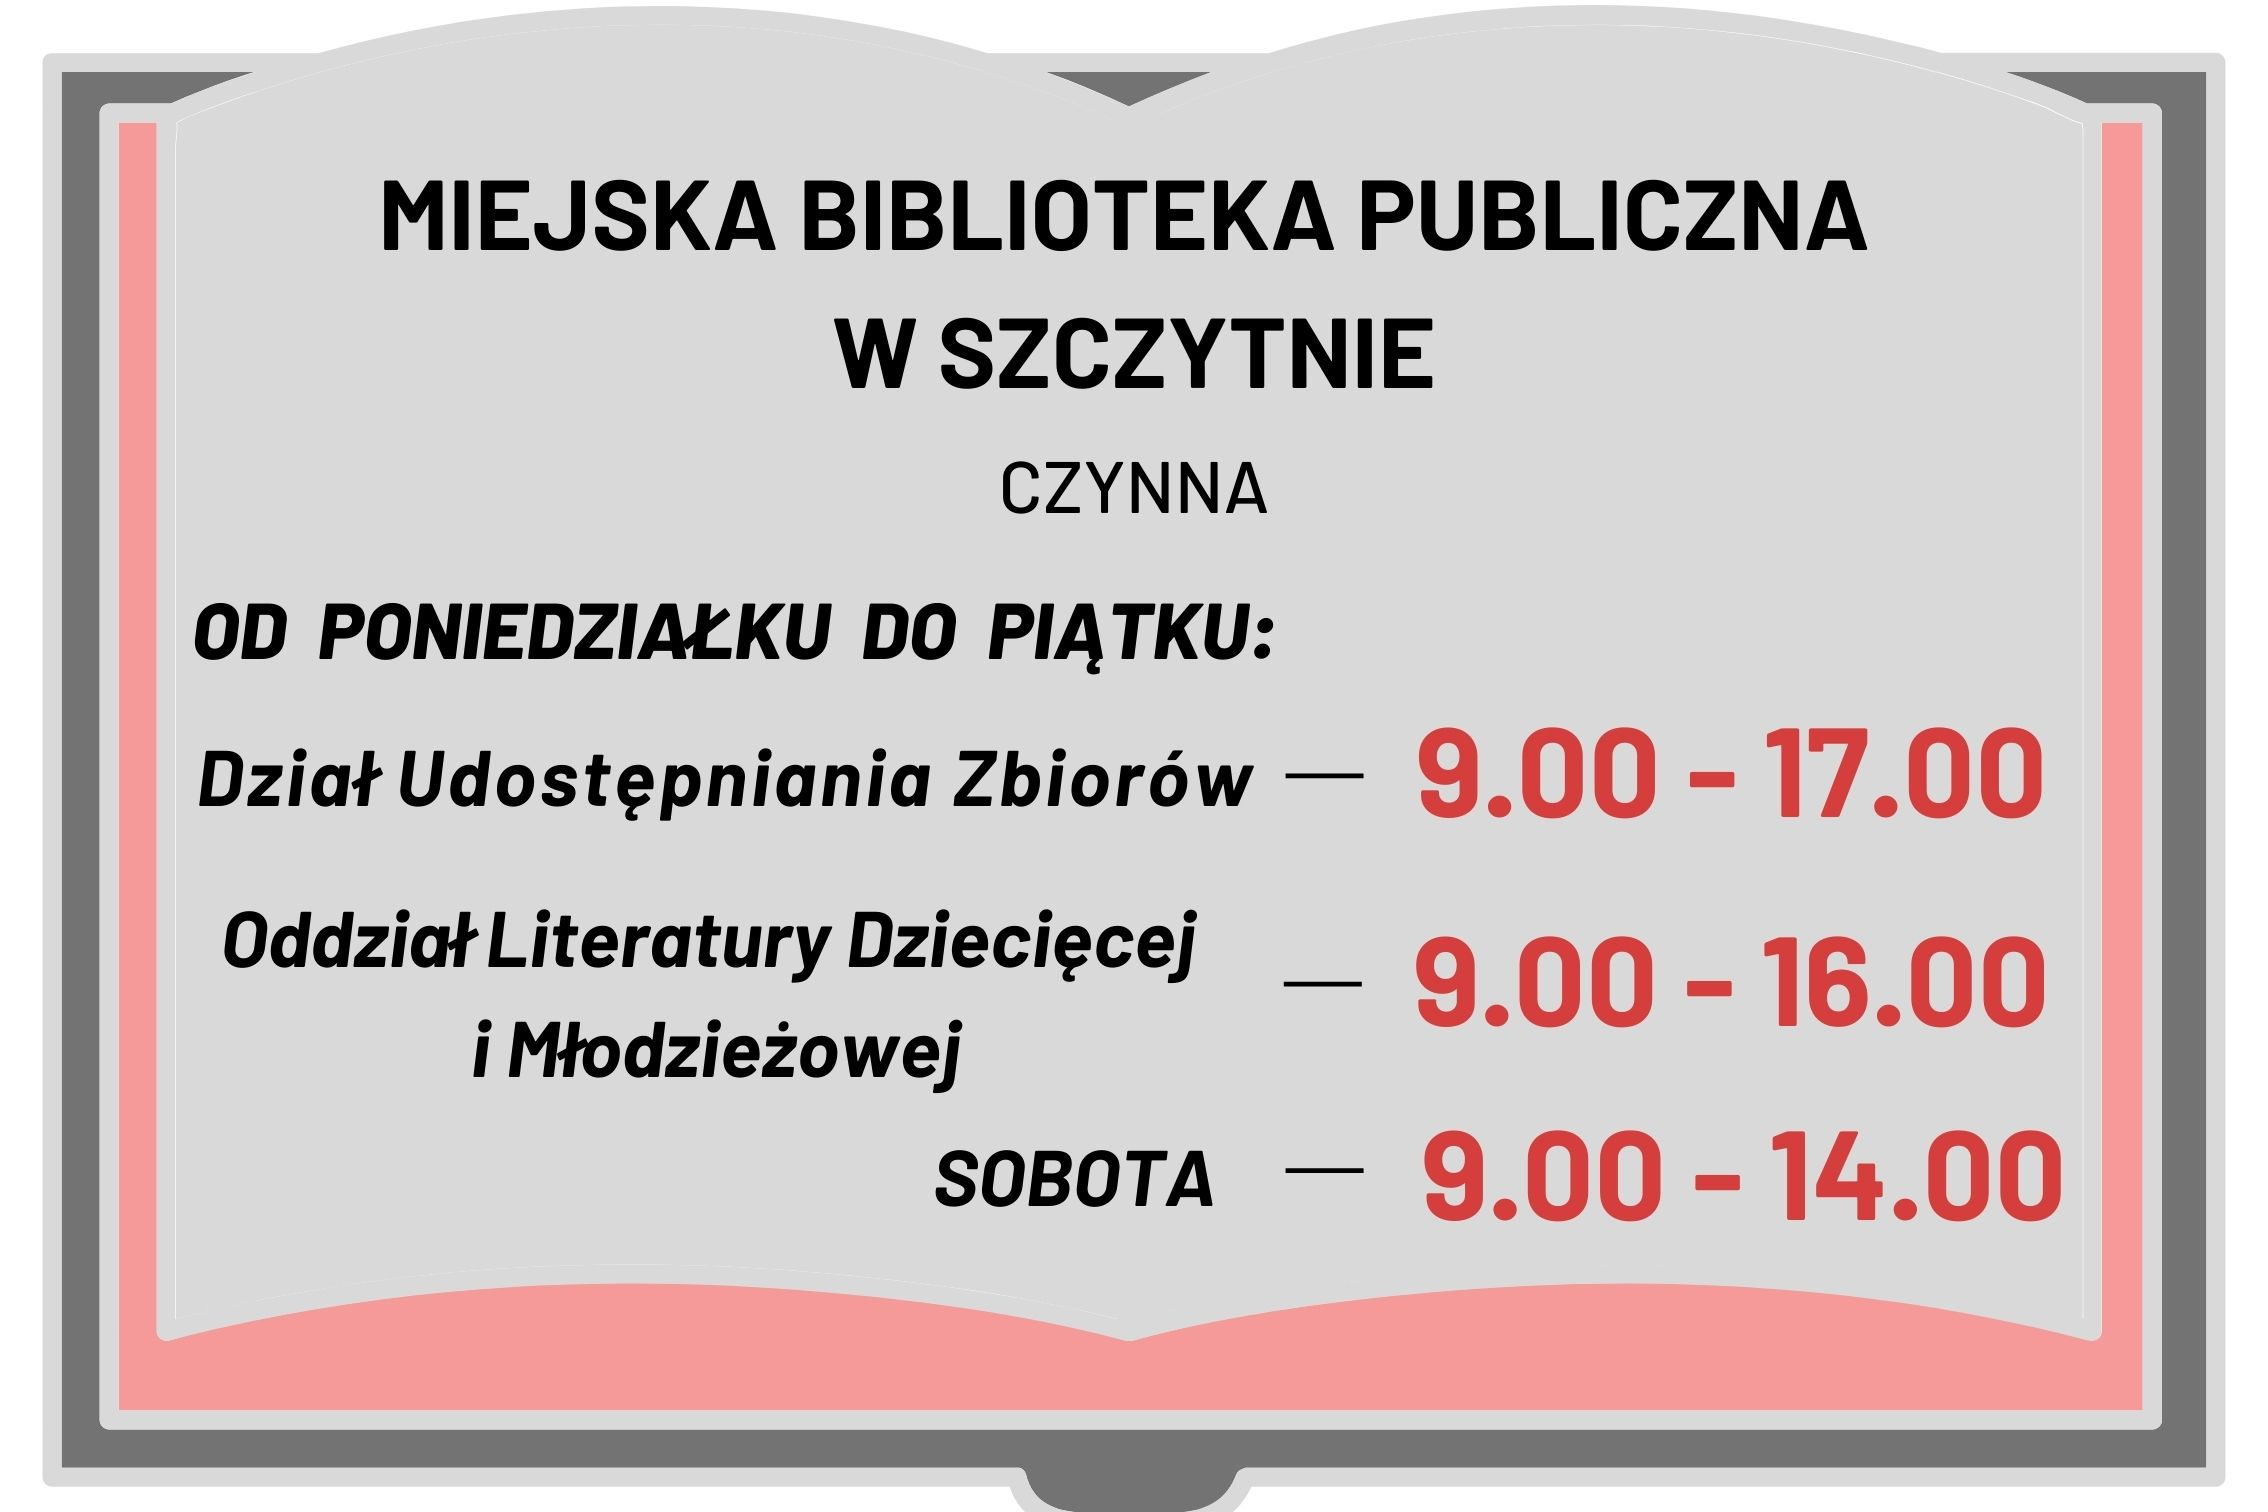 Godziny otwarcia Miejskiej Biblioteki Publicznej w Szczytnie